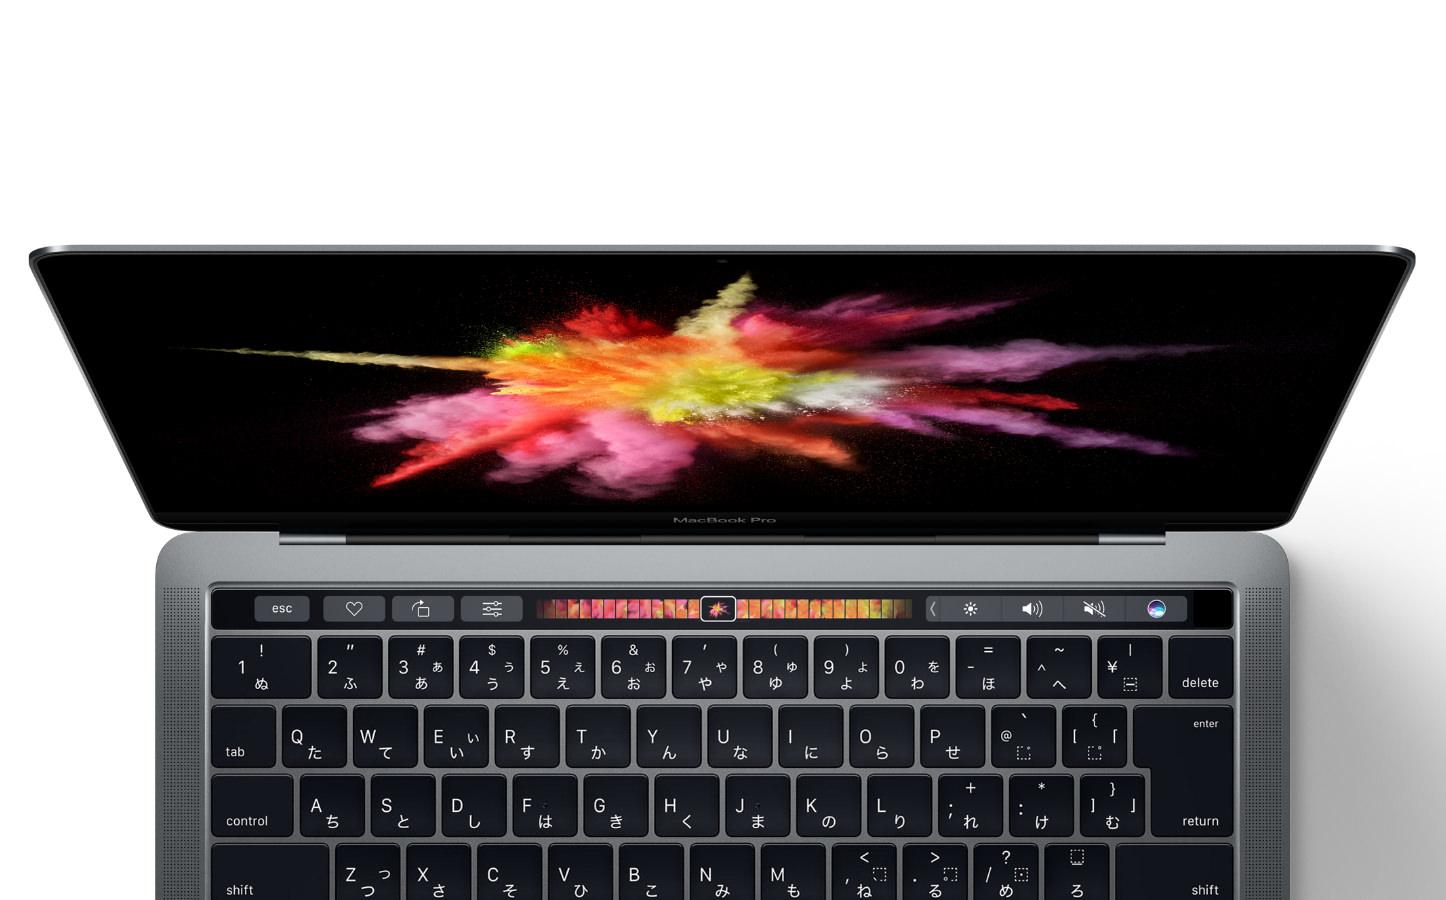 macbook-pro-top-image.jpg